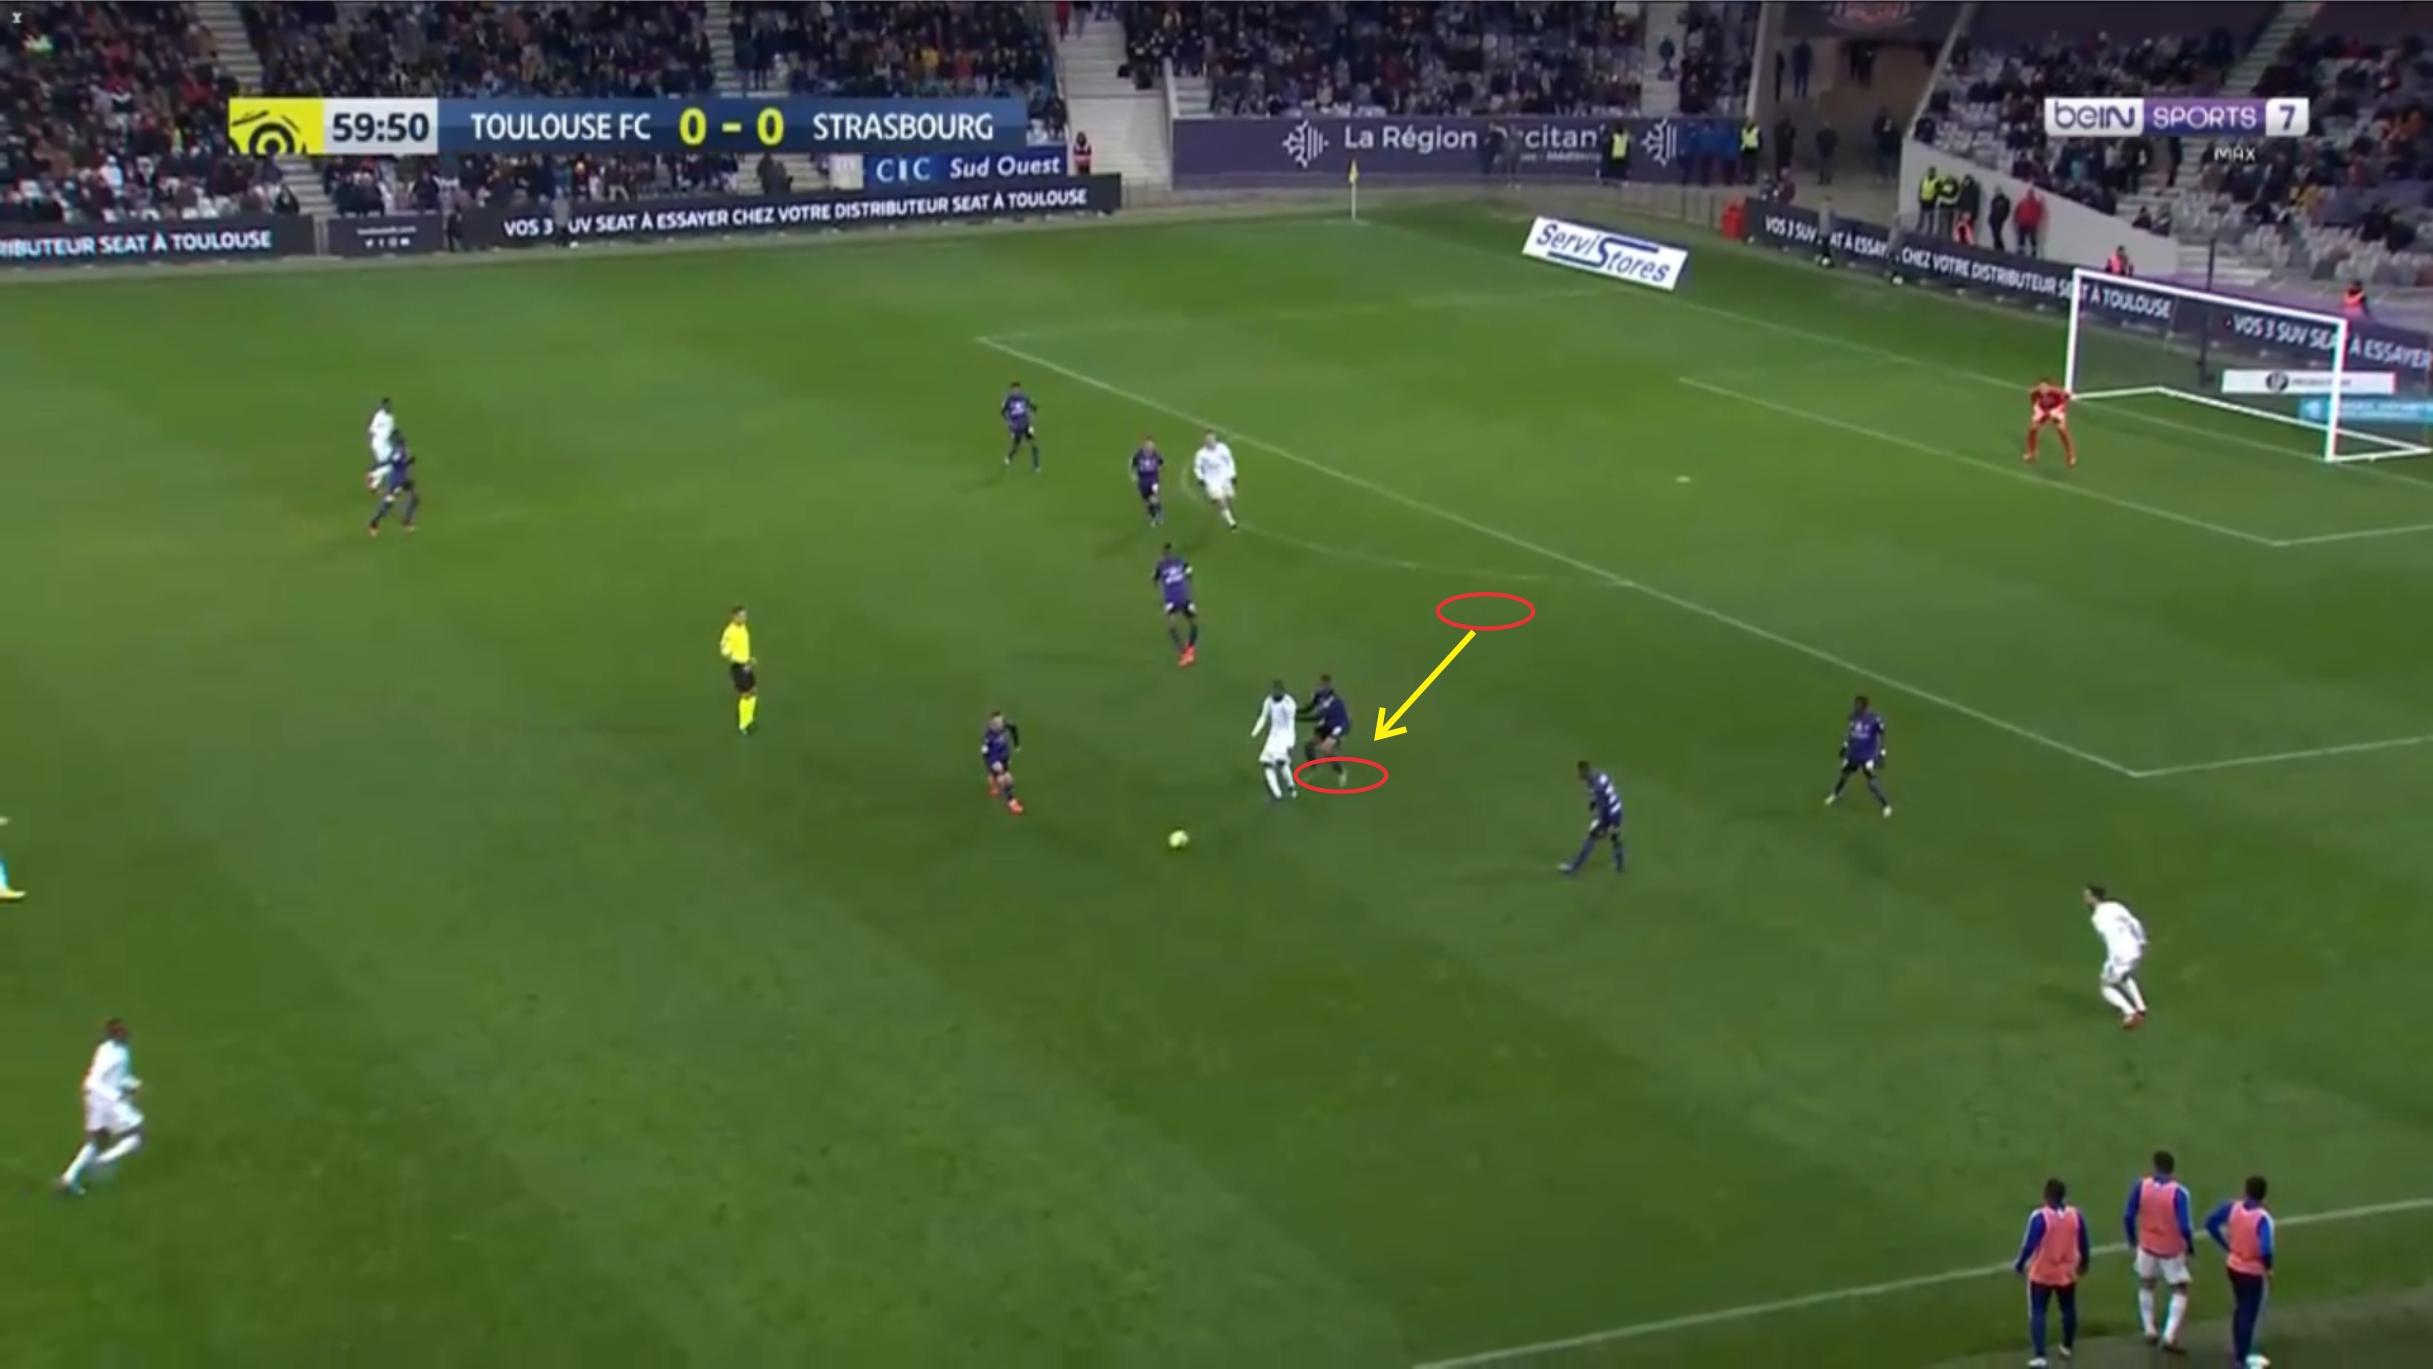 Bafode Diakite 2019/20 - scout report tactical analysis tactics